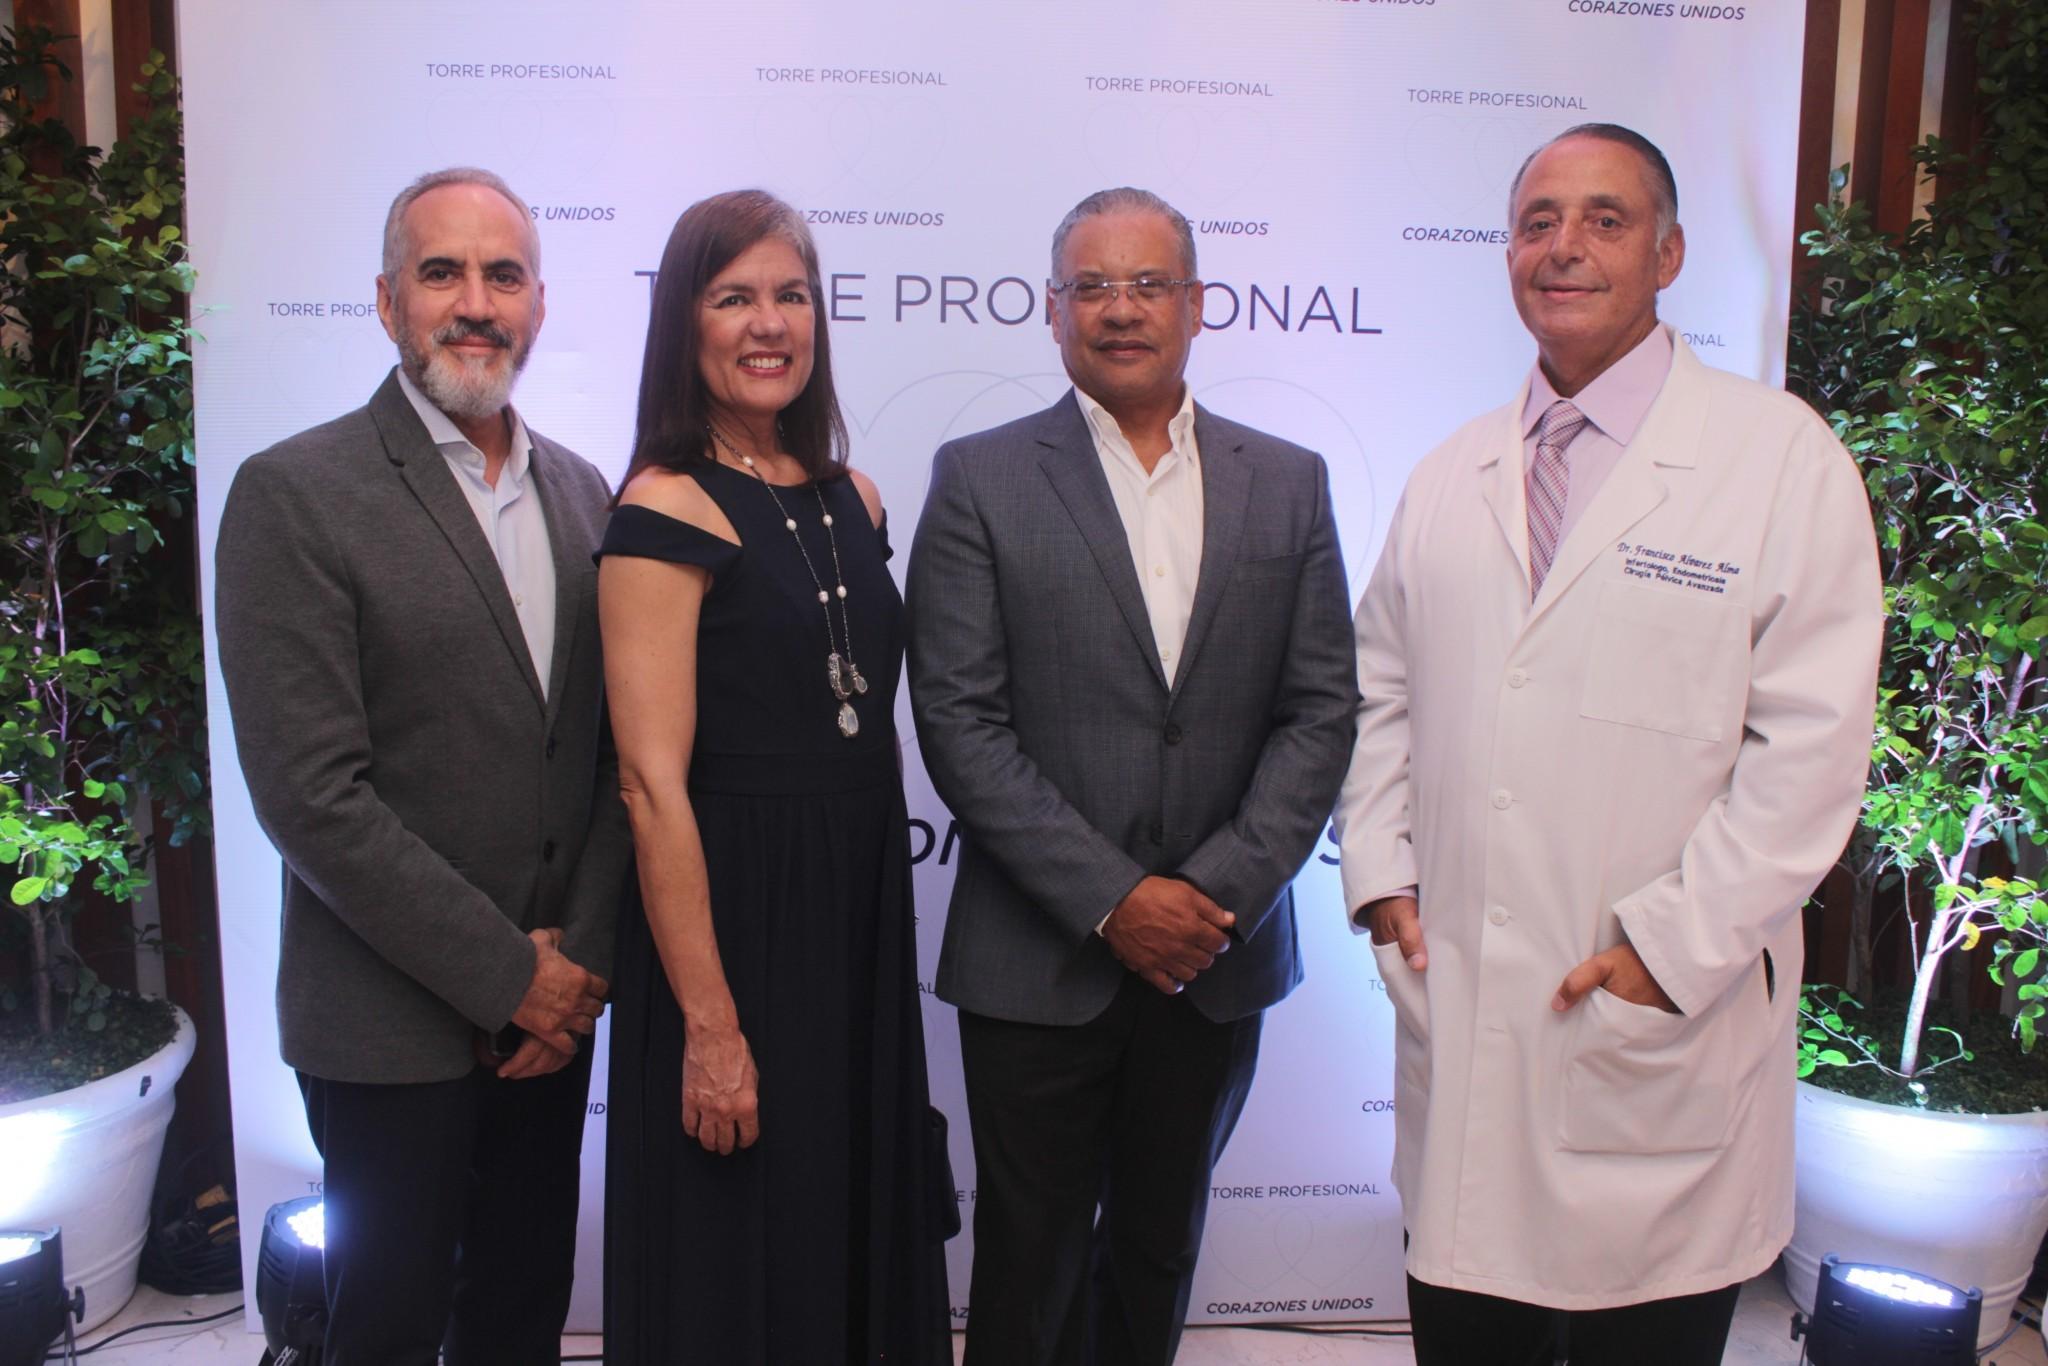 Dr. Jose Luis Peña, Dra. Violeta Carretero, Ing. Cesar Molina y Dr. Francisco Alvarez